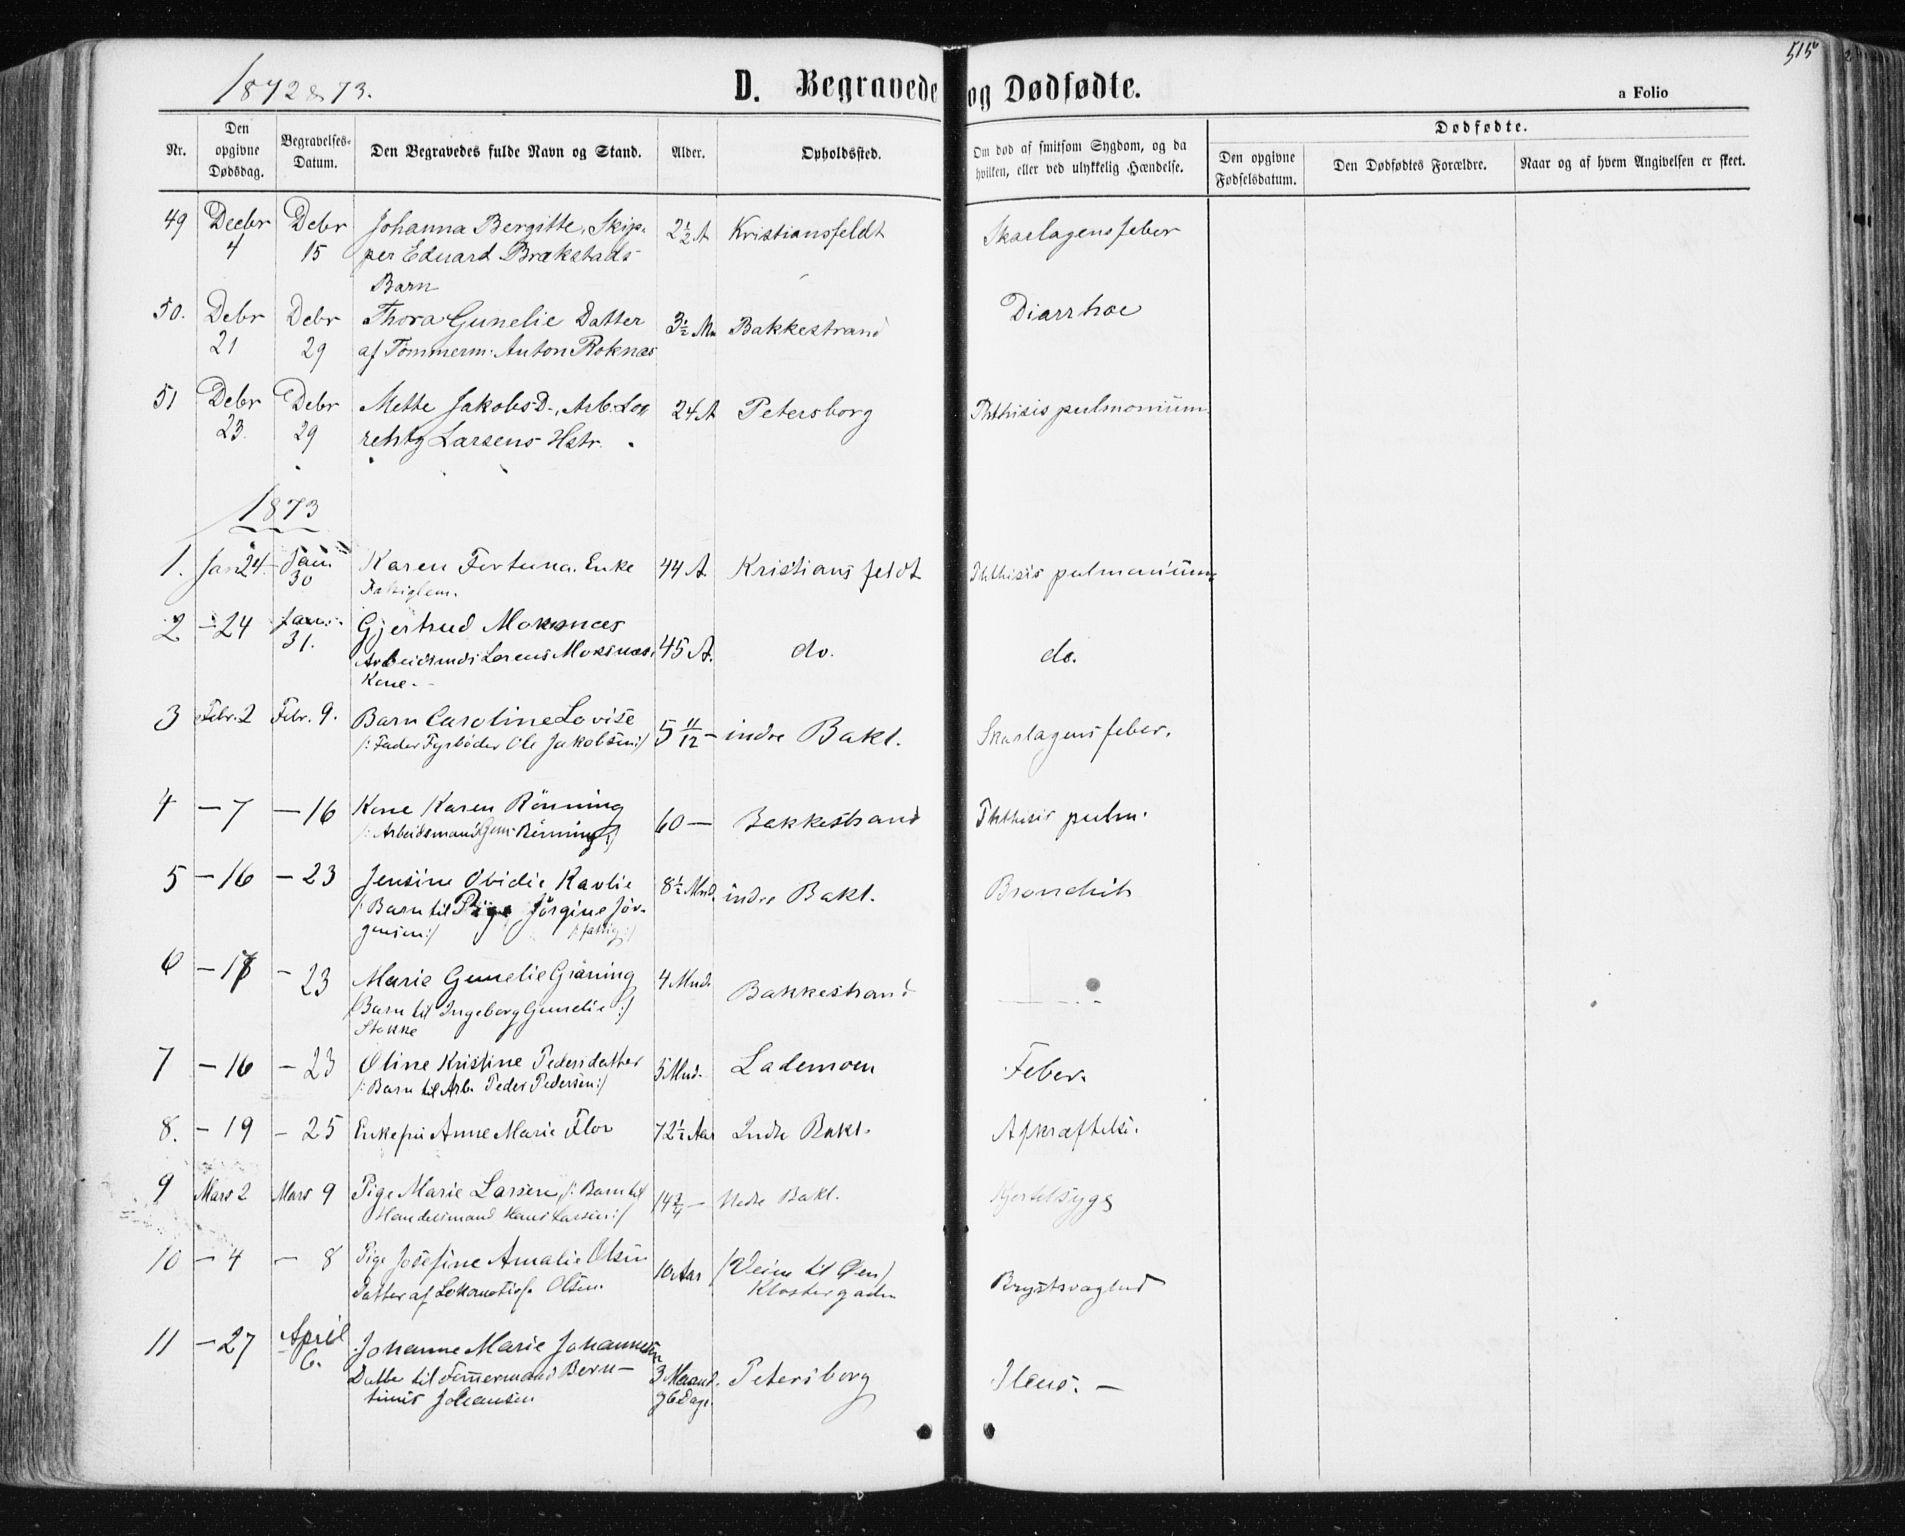 SAT, Ministerialprotokoller, klokkerbøker og fødselsregistre - Sør-Trøndelag, 604/L0186: Ministerialbok nr. 604A07, 1866-1877, s. 515